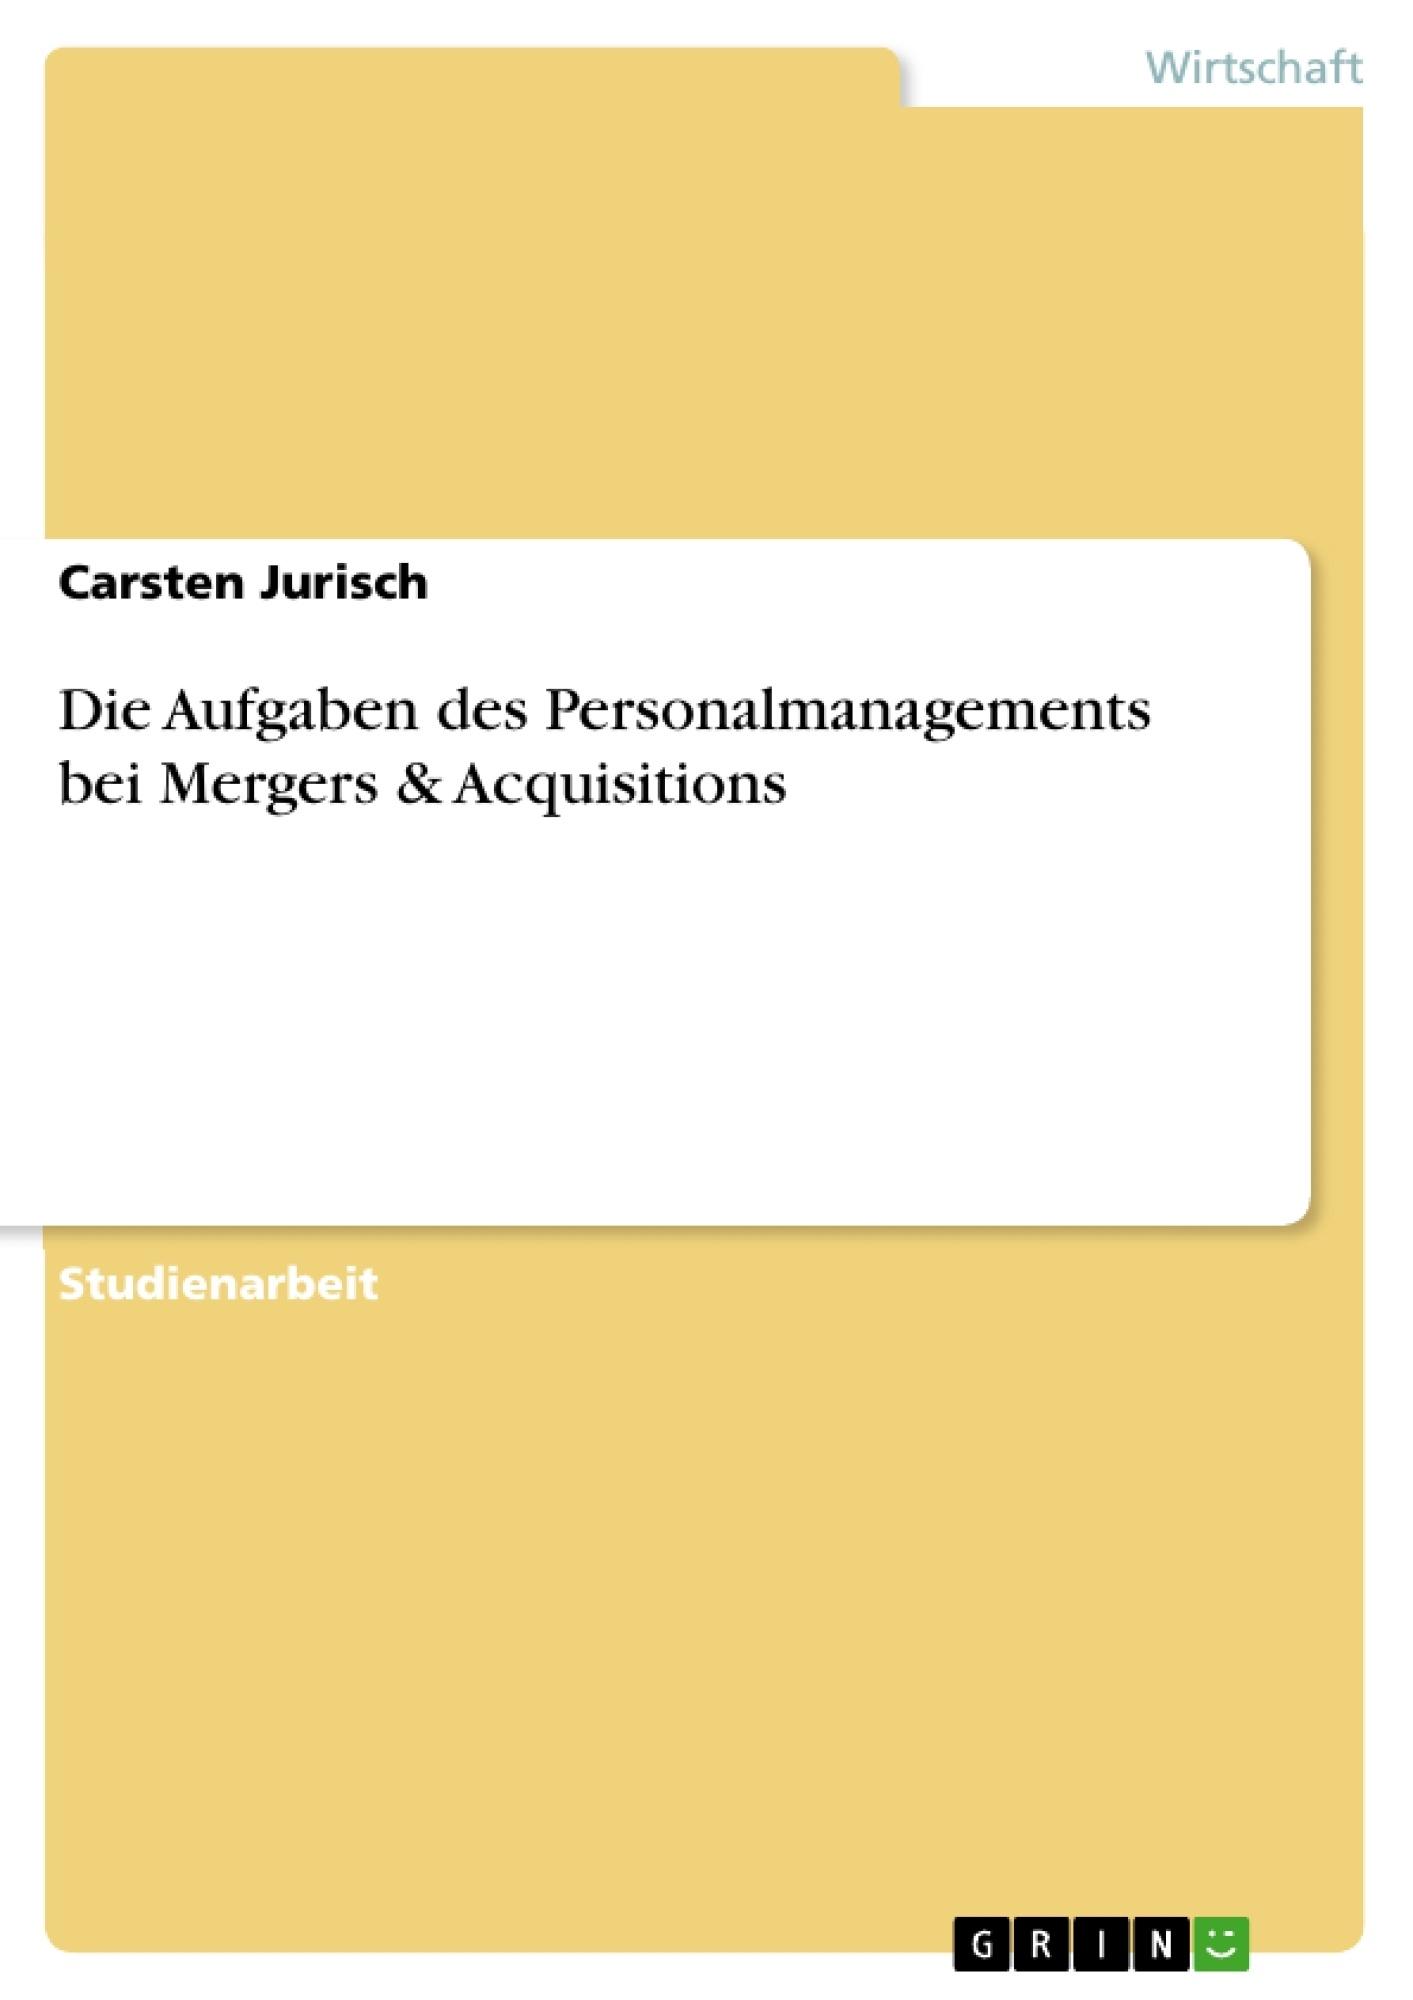 Titel: Die Aufgaben des Personalmanagements bei Mergers & Acquisitions